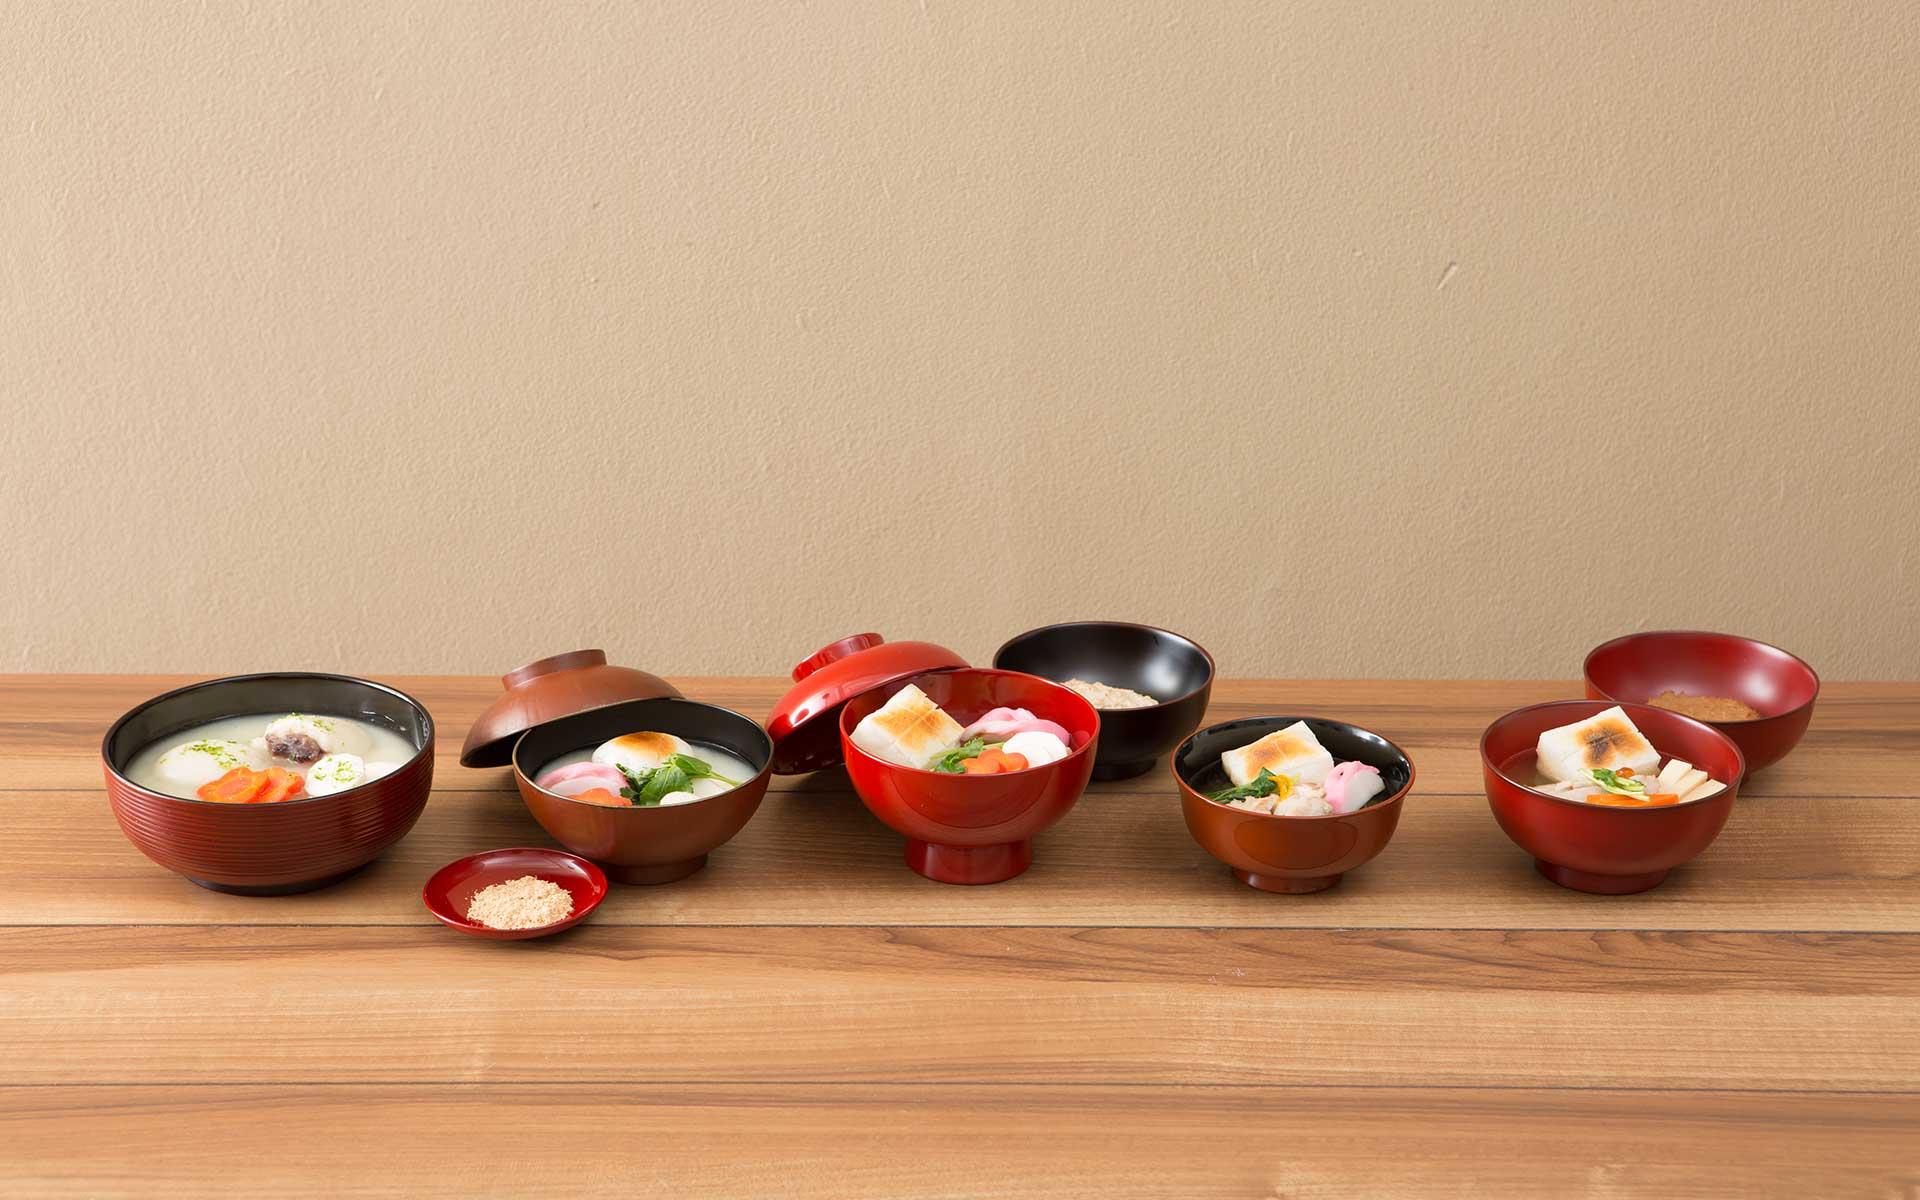 日本全国雑煮くらべ ご当地のお椀でご当地のお雑煮をいただく、をやってみました